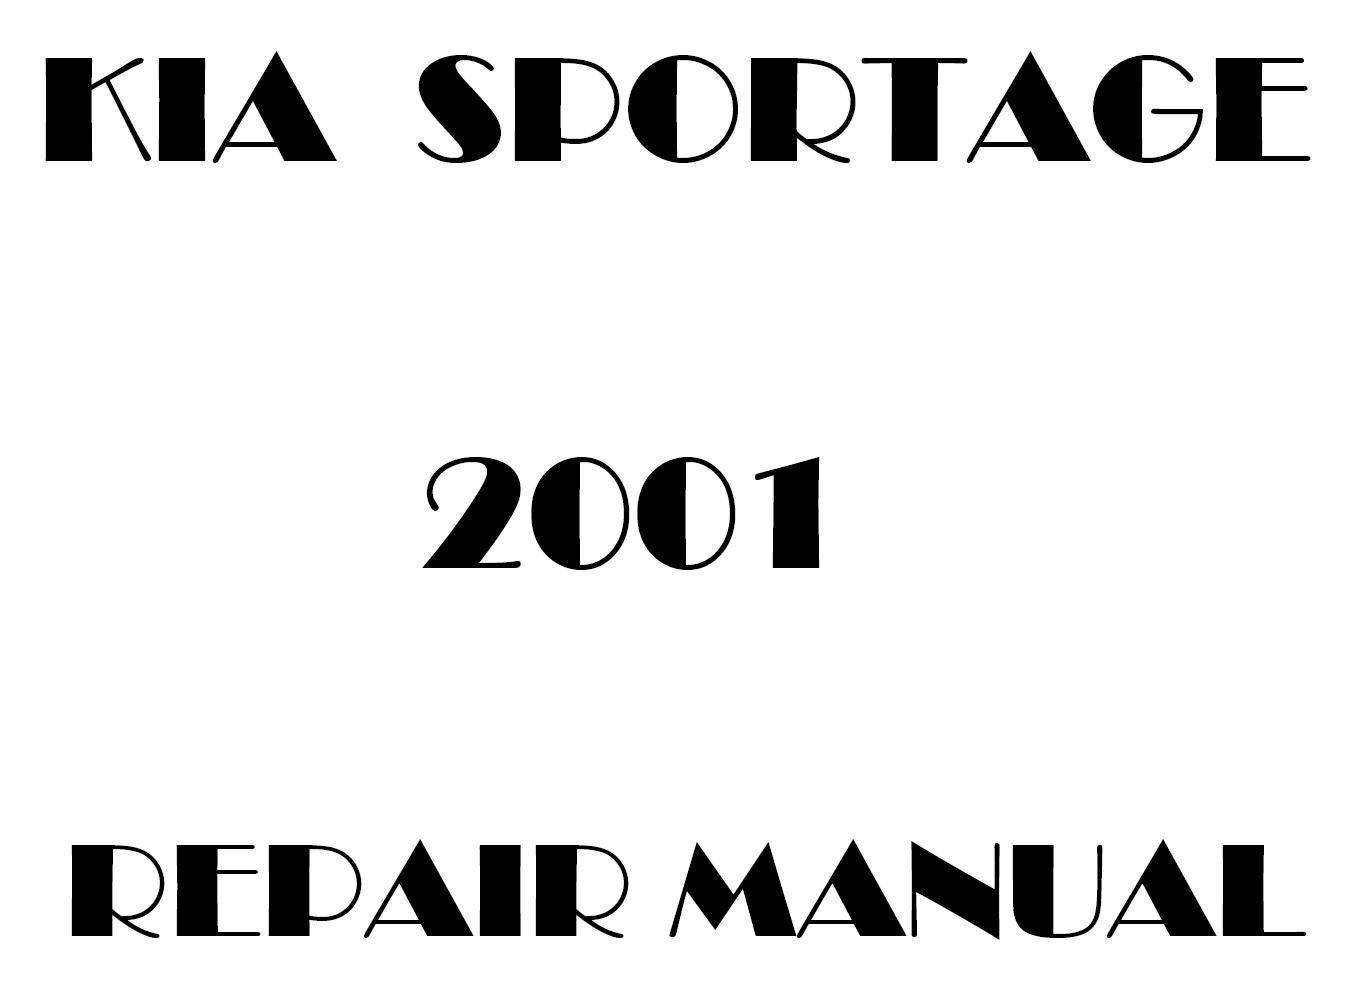 2001 Kia Sportage repair manual